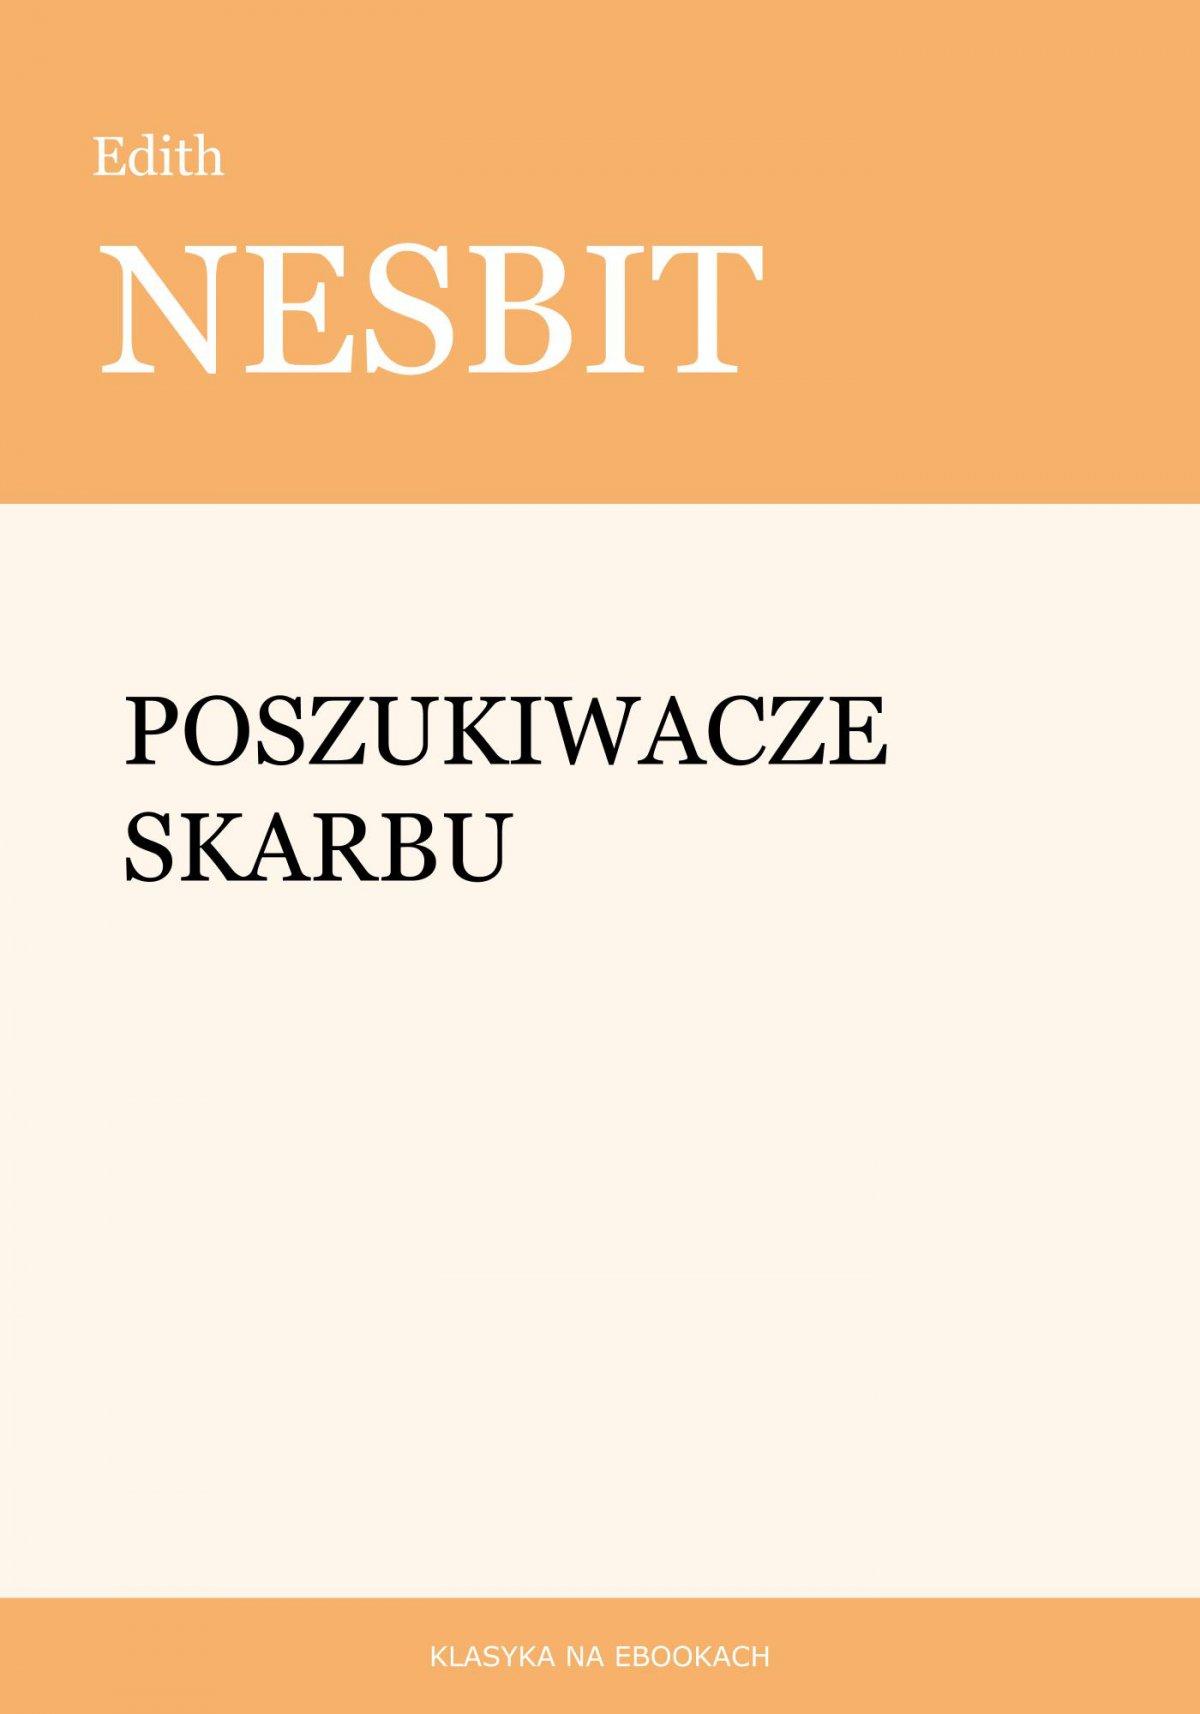 Poszukiwacze skarbu - Ebook (Książka na Kindle) do pobrania w formacie MOBI